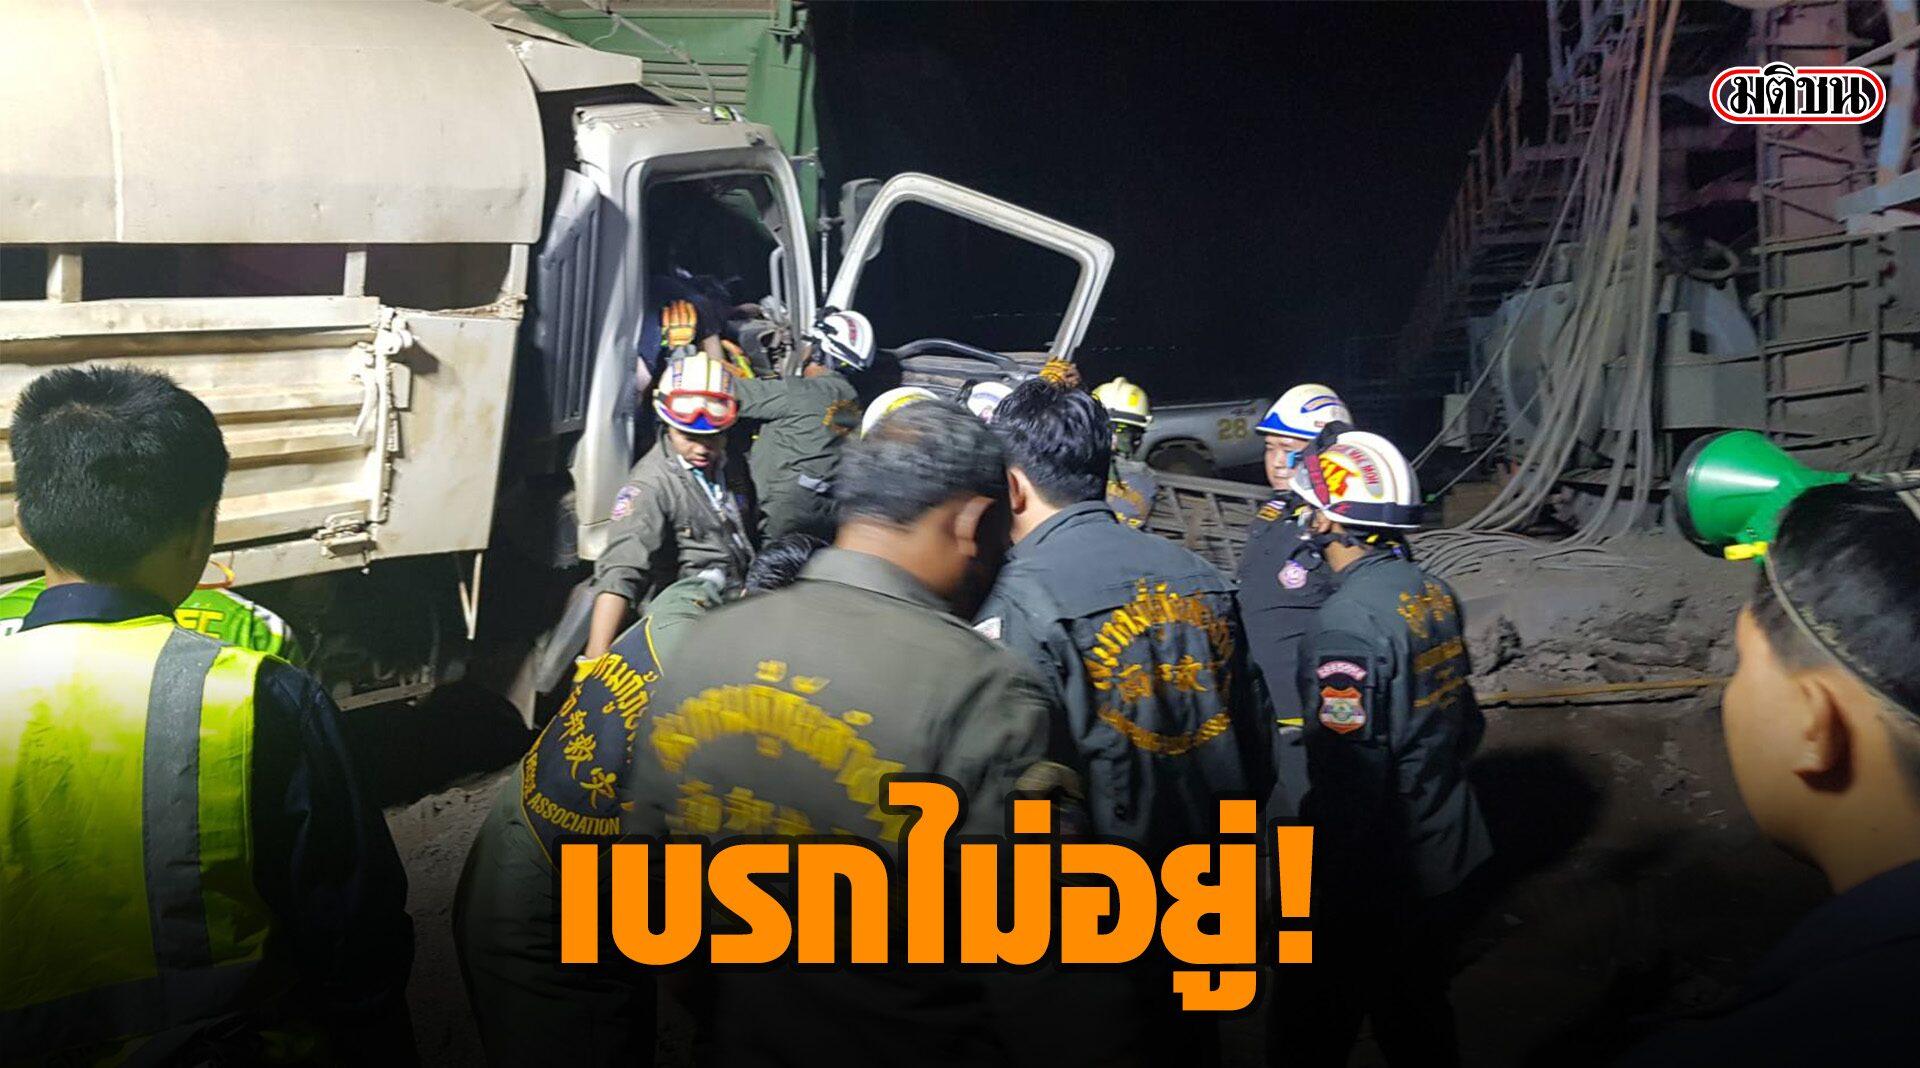 เบรกไม่อยู่! รถบรรทุกคนงาน ลงเนินดินพุ่งชนตู้คอนเทนเนอร์คุมไฟฟ้า เสียชีวิต 1 บาดเจ็บ 8 ราย